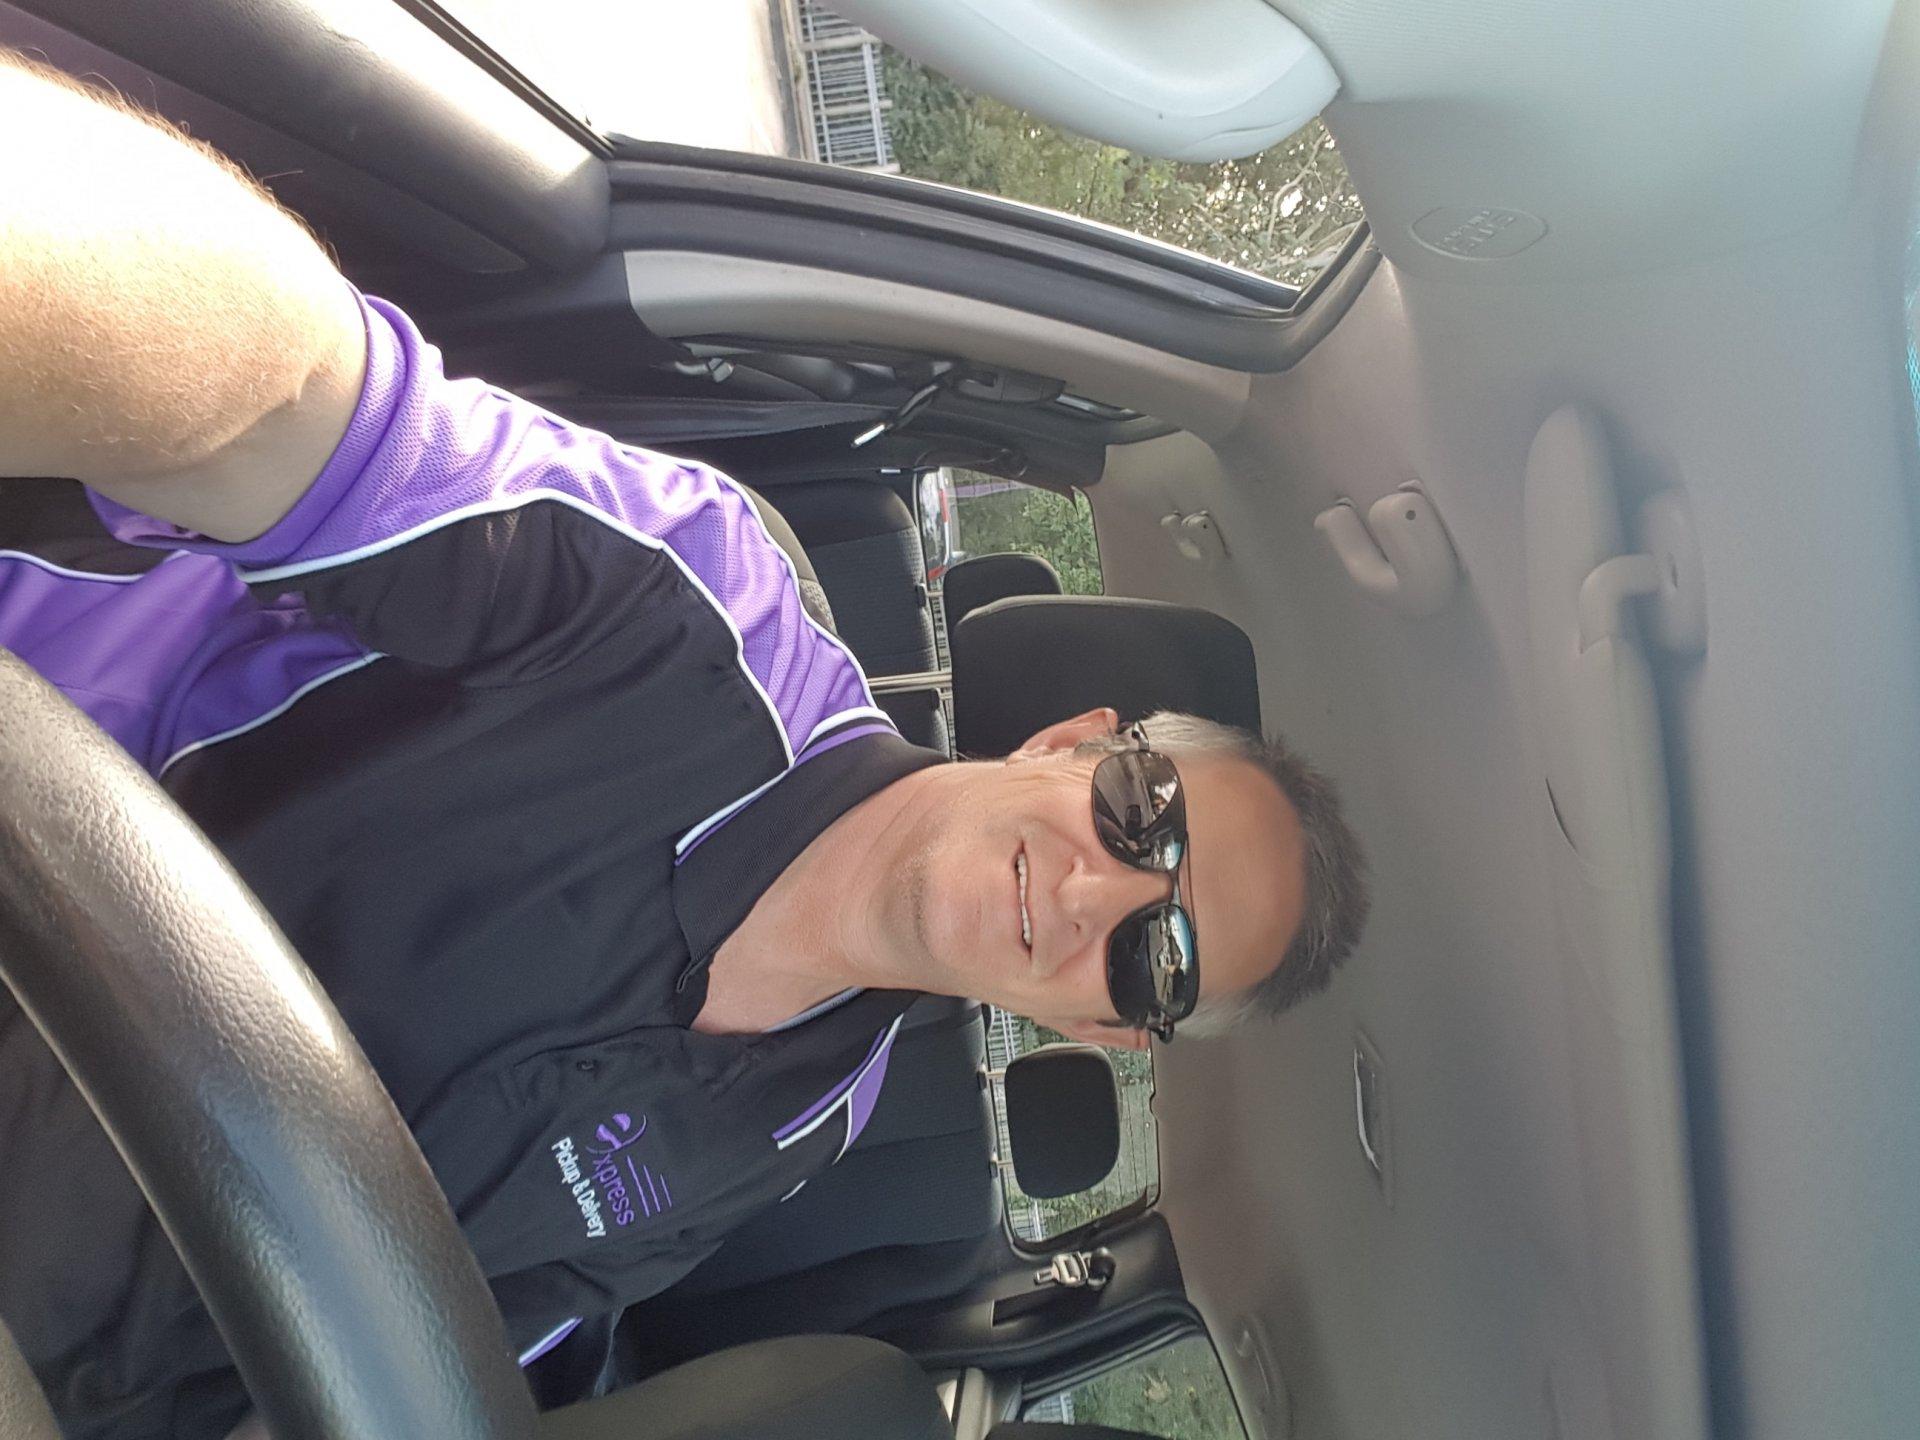 Darrell1964 from Victoria,Australia